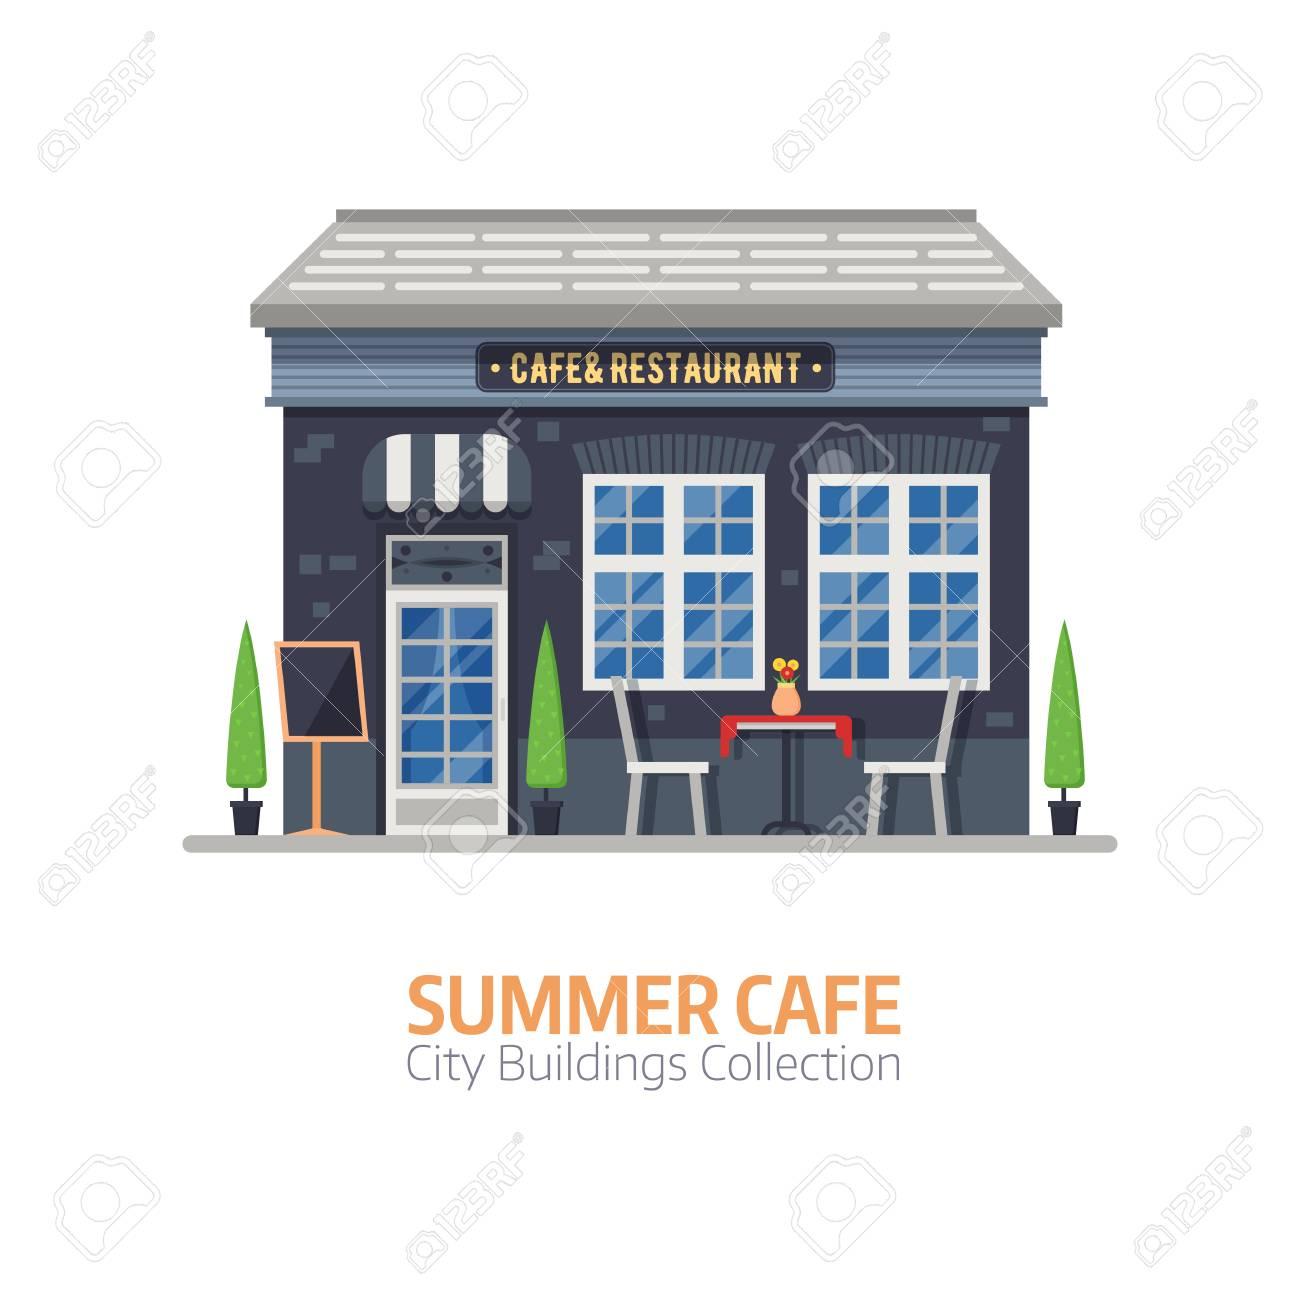 Tienda De Café De Verano Con Terraza Al Aire Libre Y Mesa Con Sillas Calle Restaurante Edificio Fachada En Diseño Plano Elemento Constructor De La